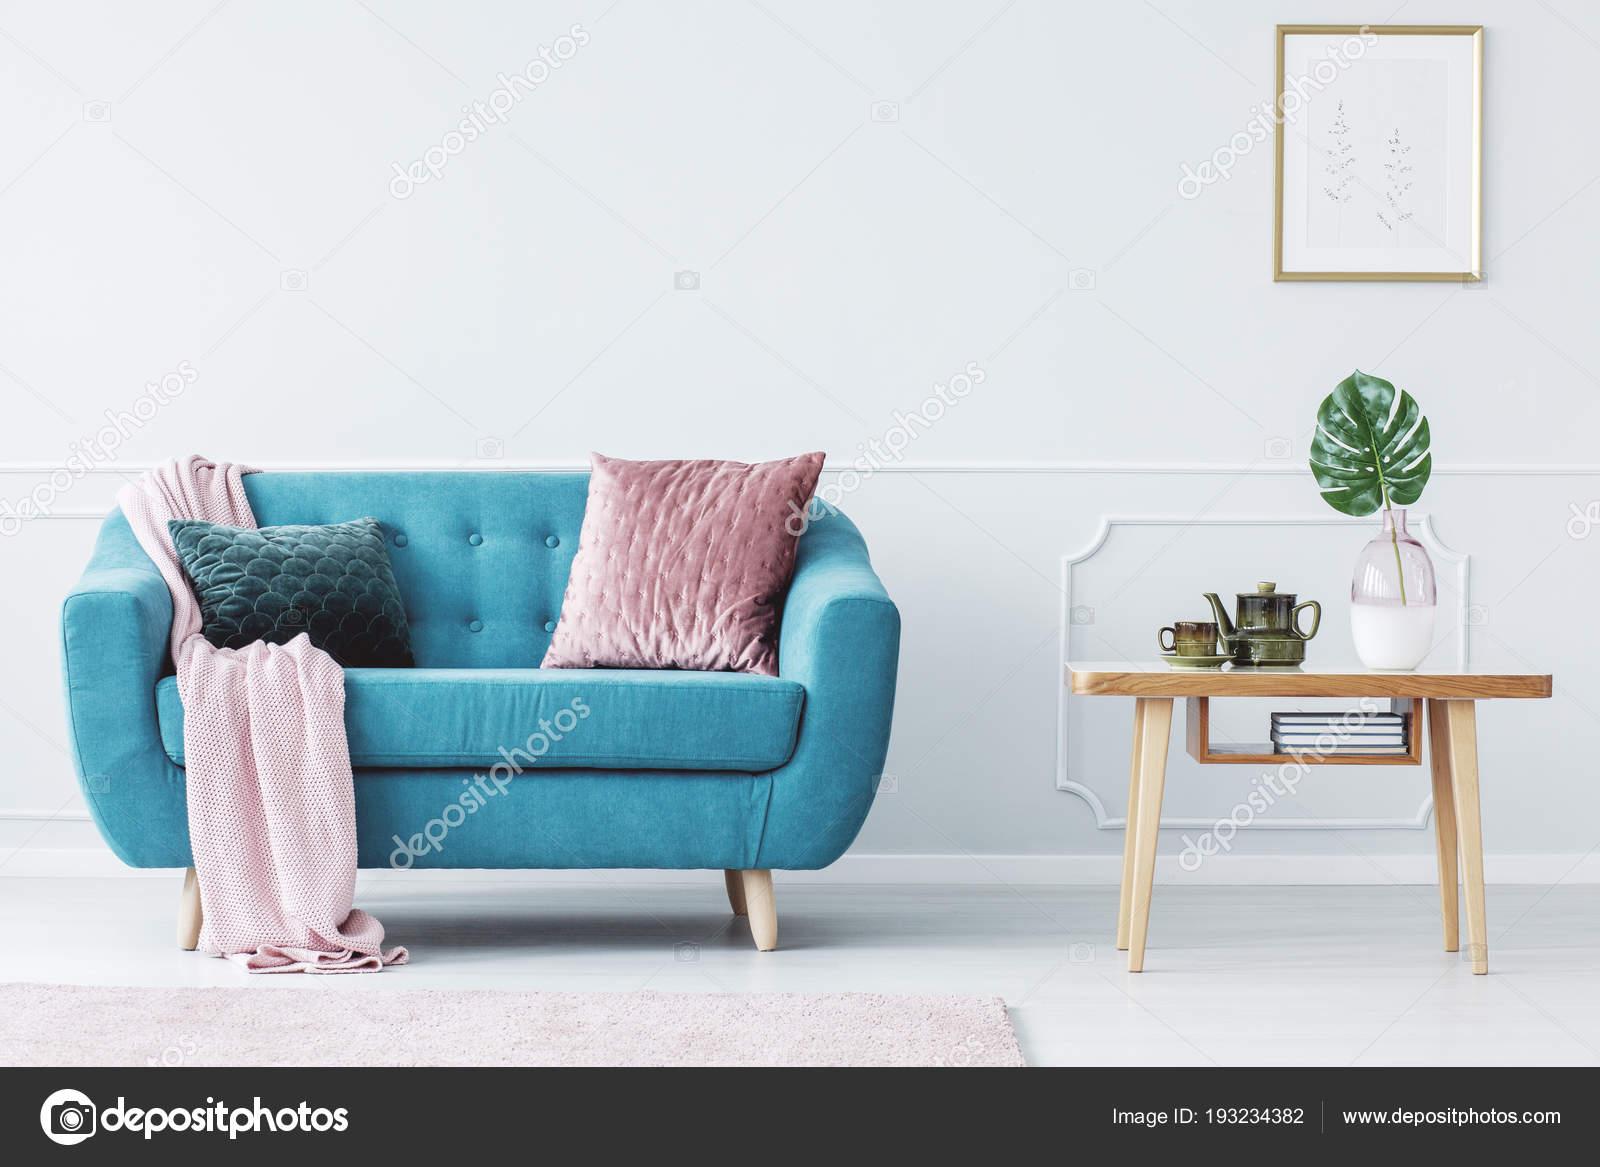 Kleurrijke Interieurs Pastel : Roze kussen turquoise bank naast houten tafel pastel woonkamer